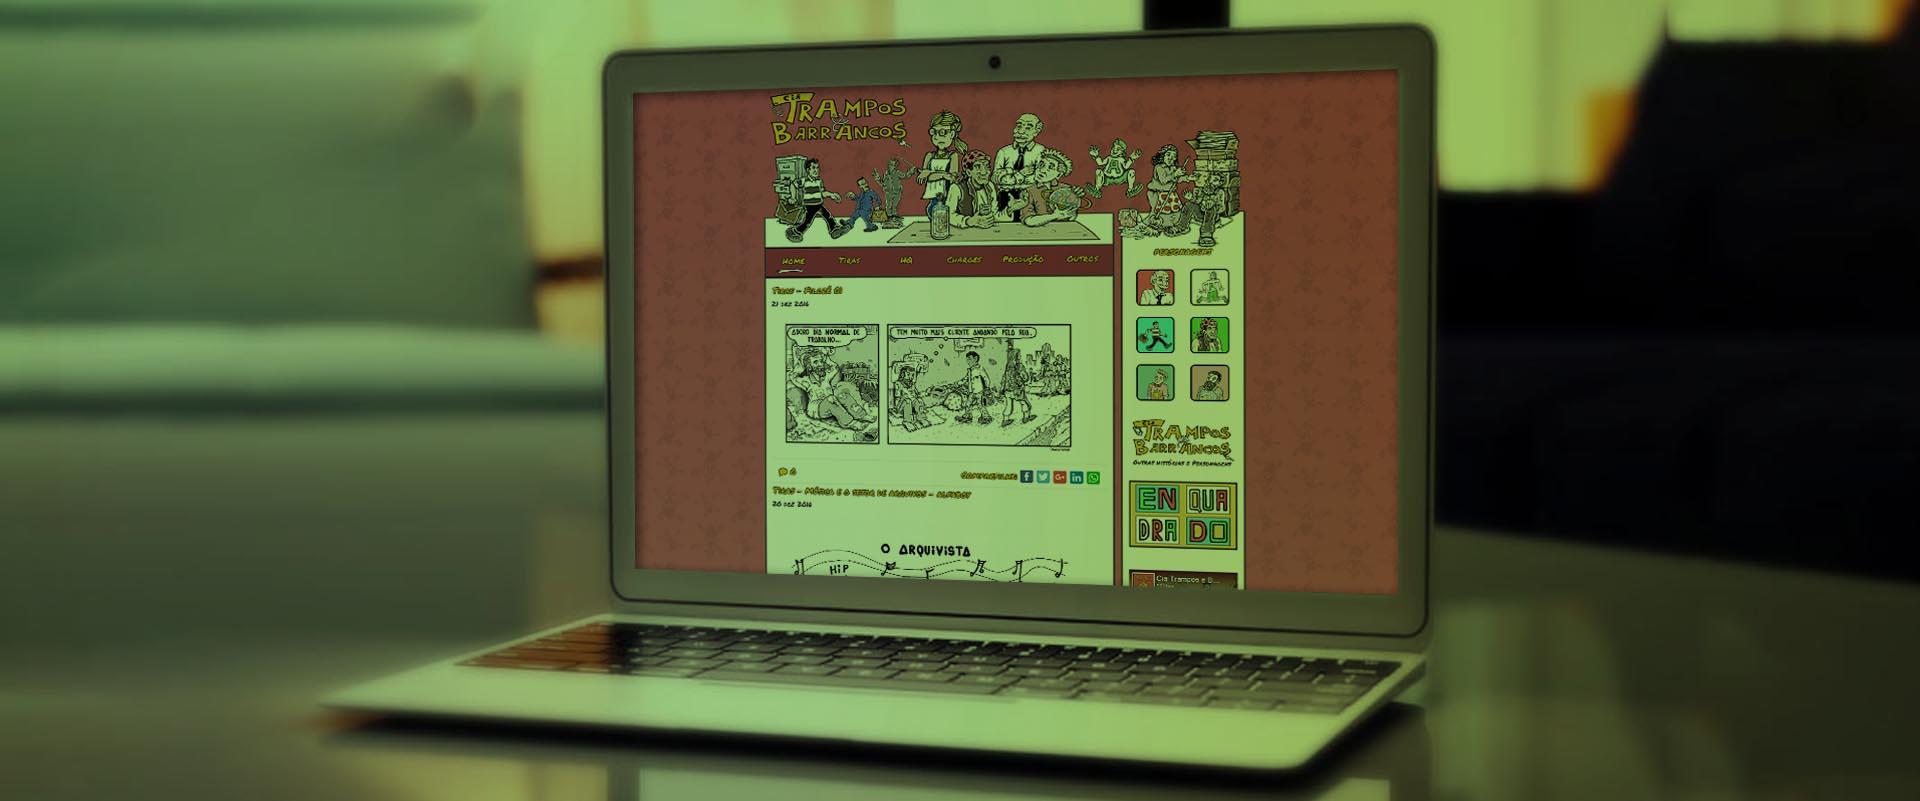 Criação de sites para cartunistas